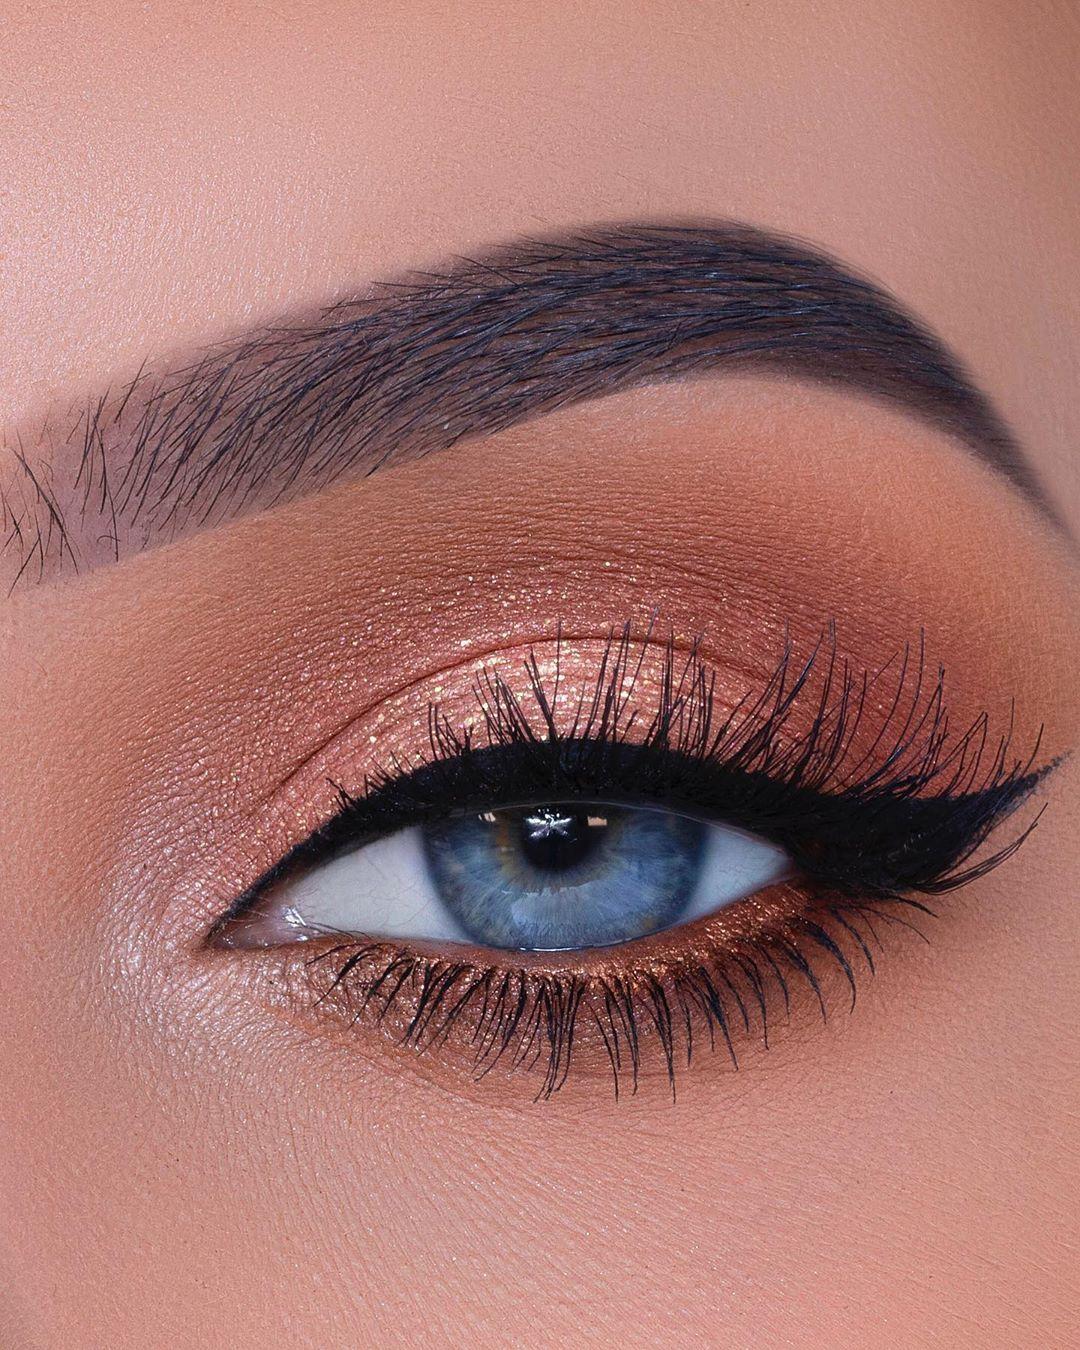 """Photo of Un Knook en Instagram: """"¿usted usa este eyelook? SÍ O NO 💞✨de comentarios de abajo! Es realmente mi favorito ir a eyelook 🙈usted puede encontrar el tutorial sobre cómo…"""""""